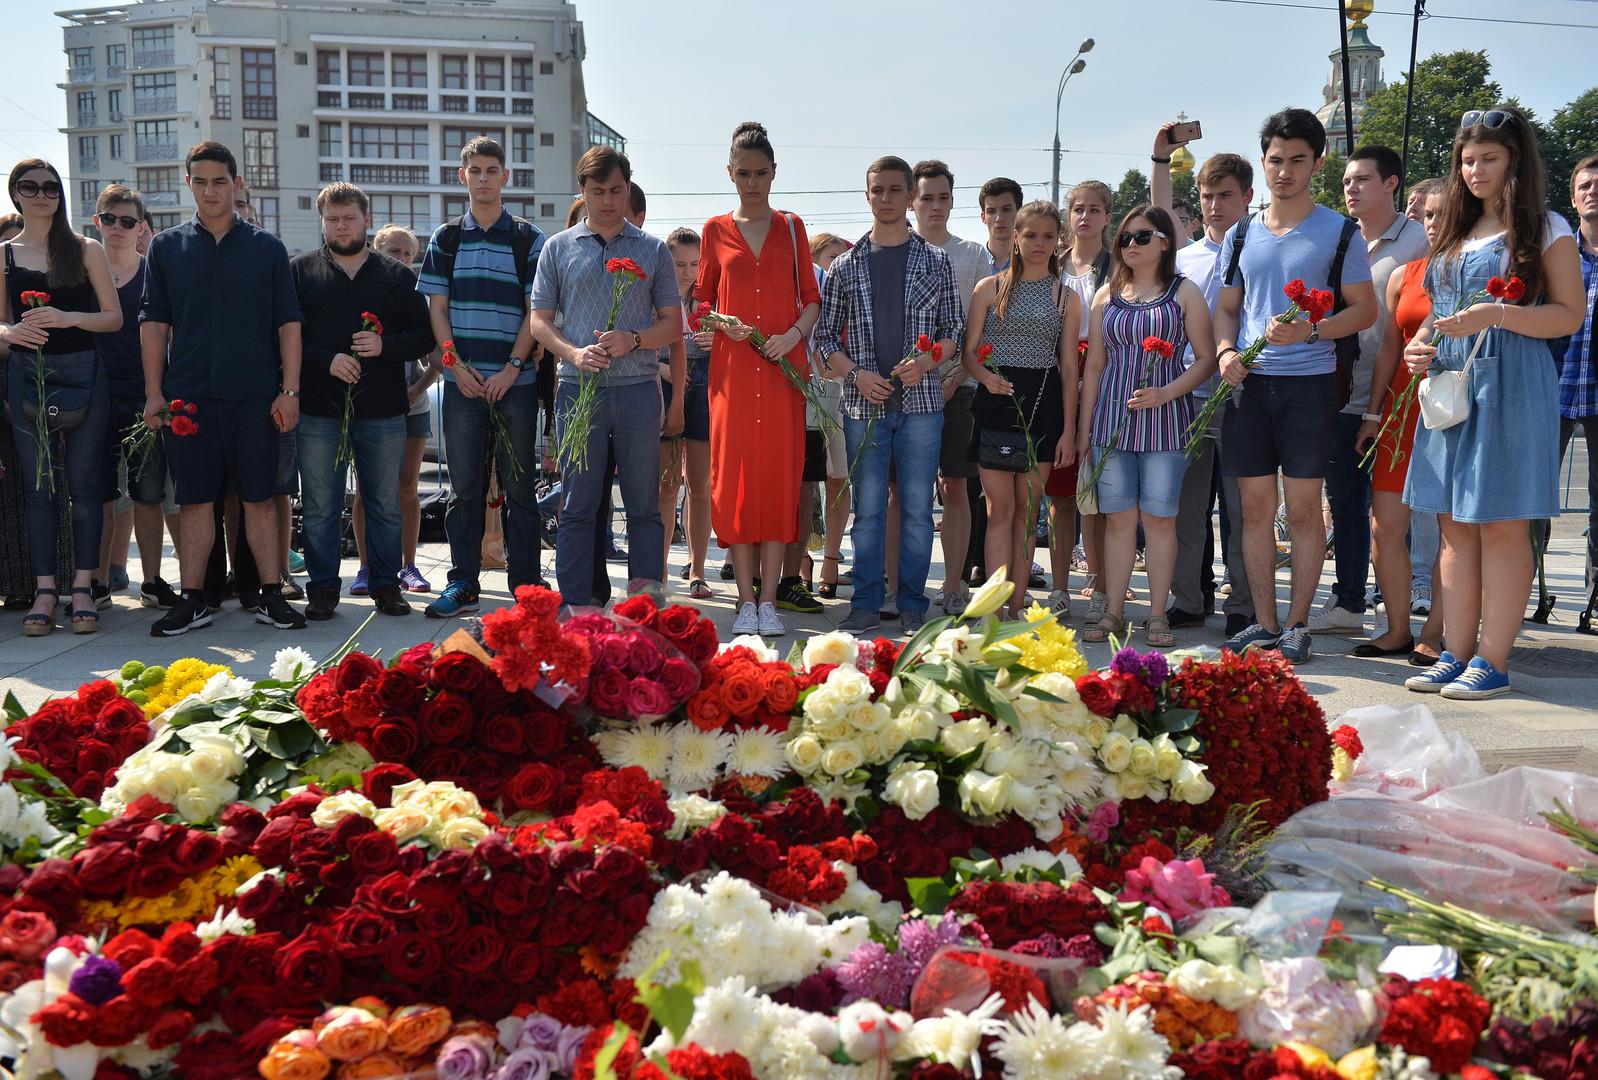 Lavrov et Kerry déposent des fleurs  devant l'ambassade de France à Moscou (VIDEOS)